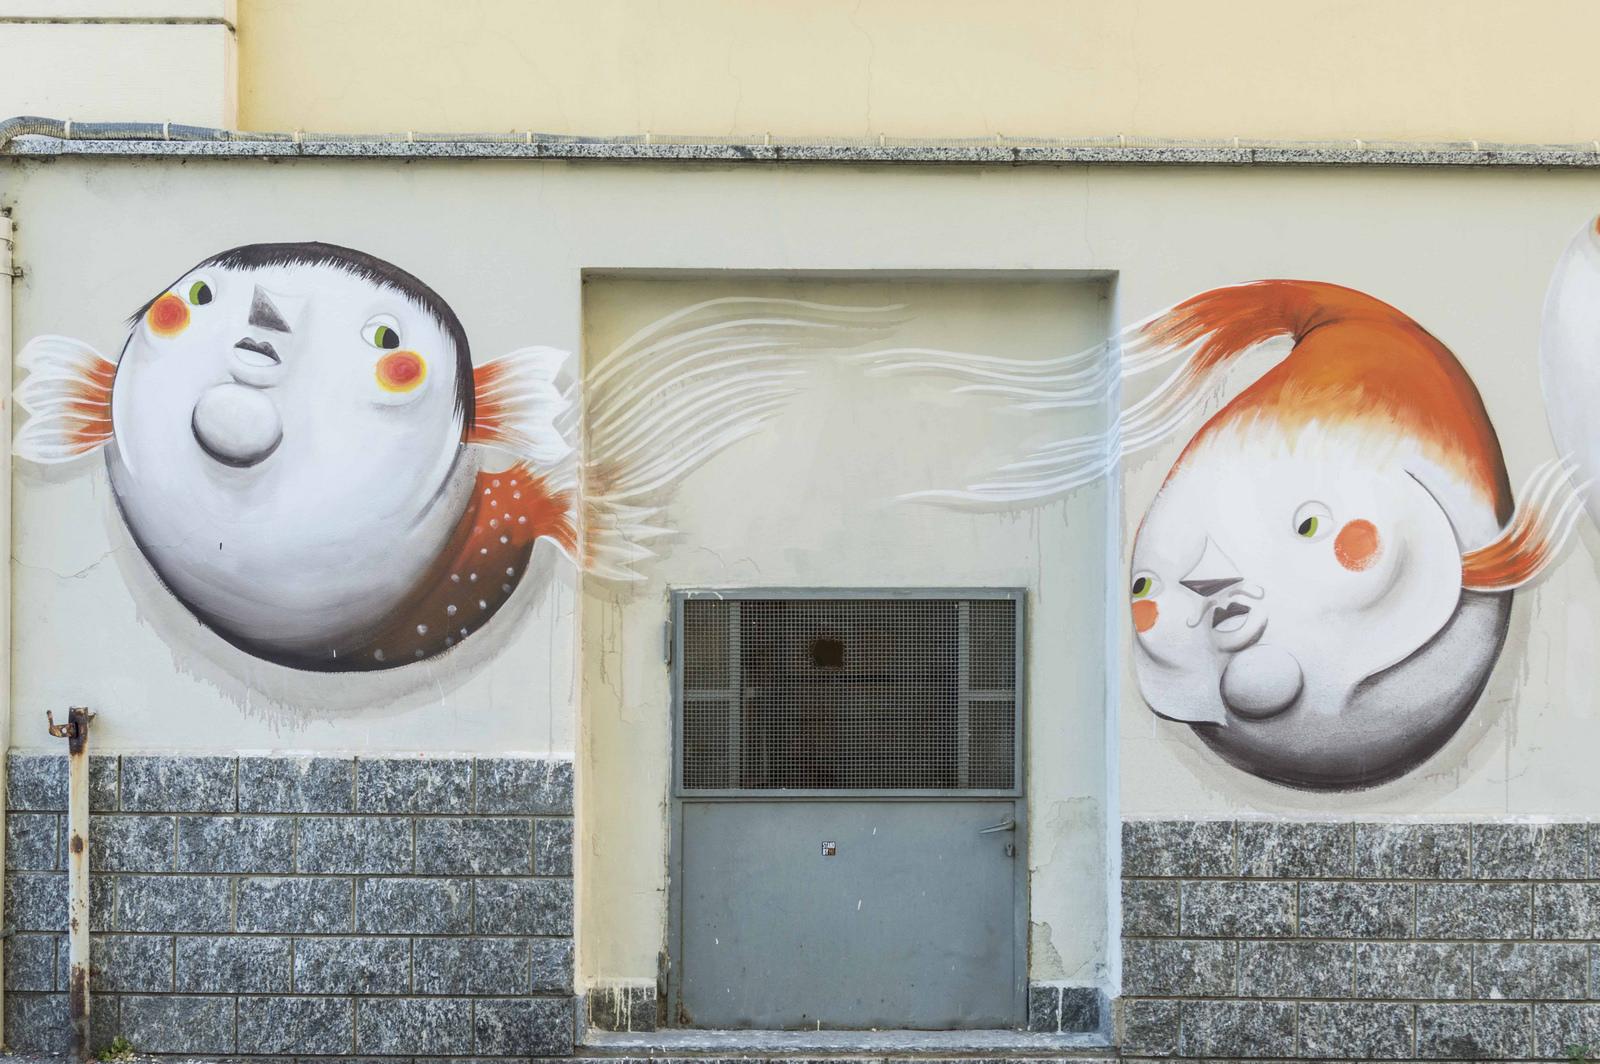 zed1-non-si-puo-andare-contro-natura-new-mural-in-milano-02